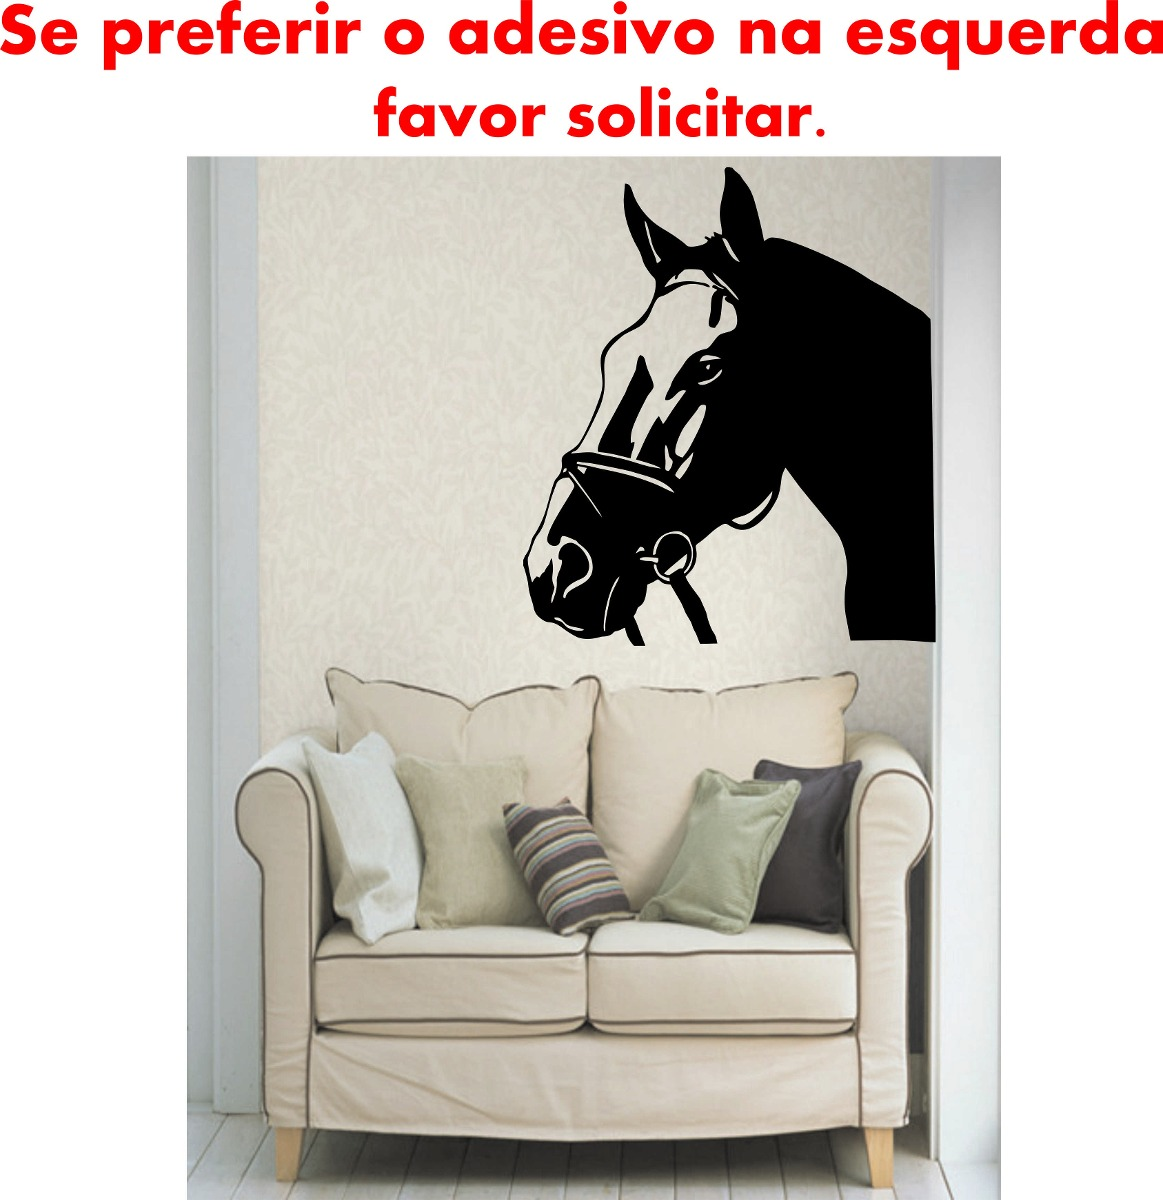 adesivo decorativo parede sala quarto cavalo cowboy rodeio. Carregando zoom. c2a43b9abca